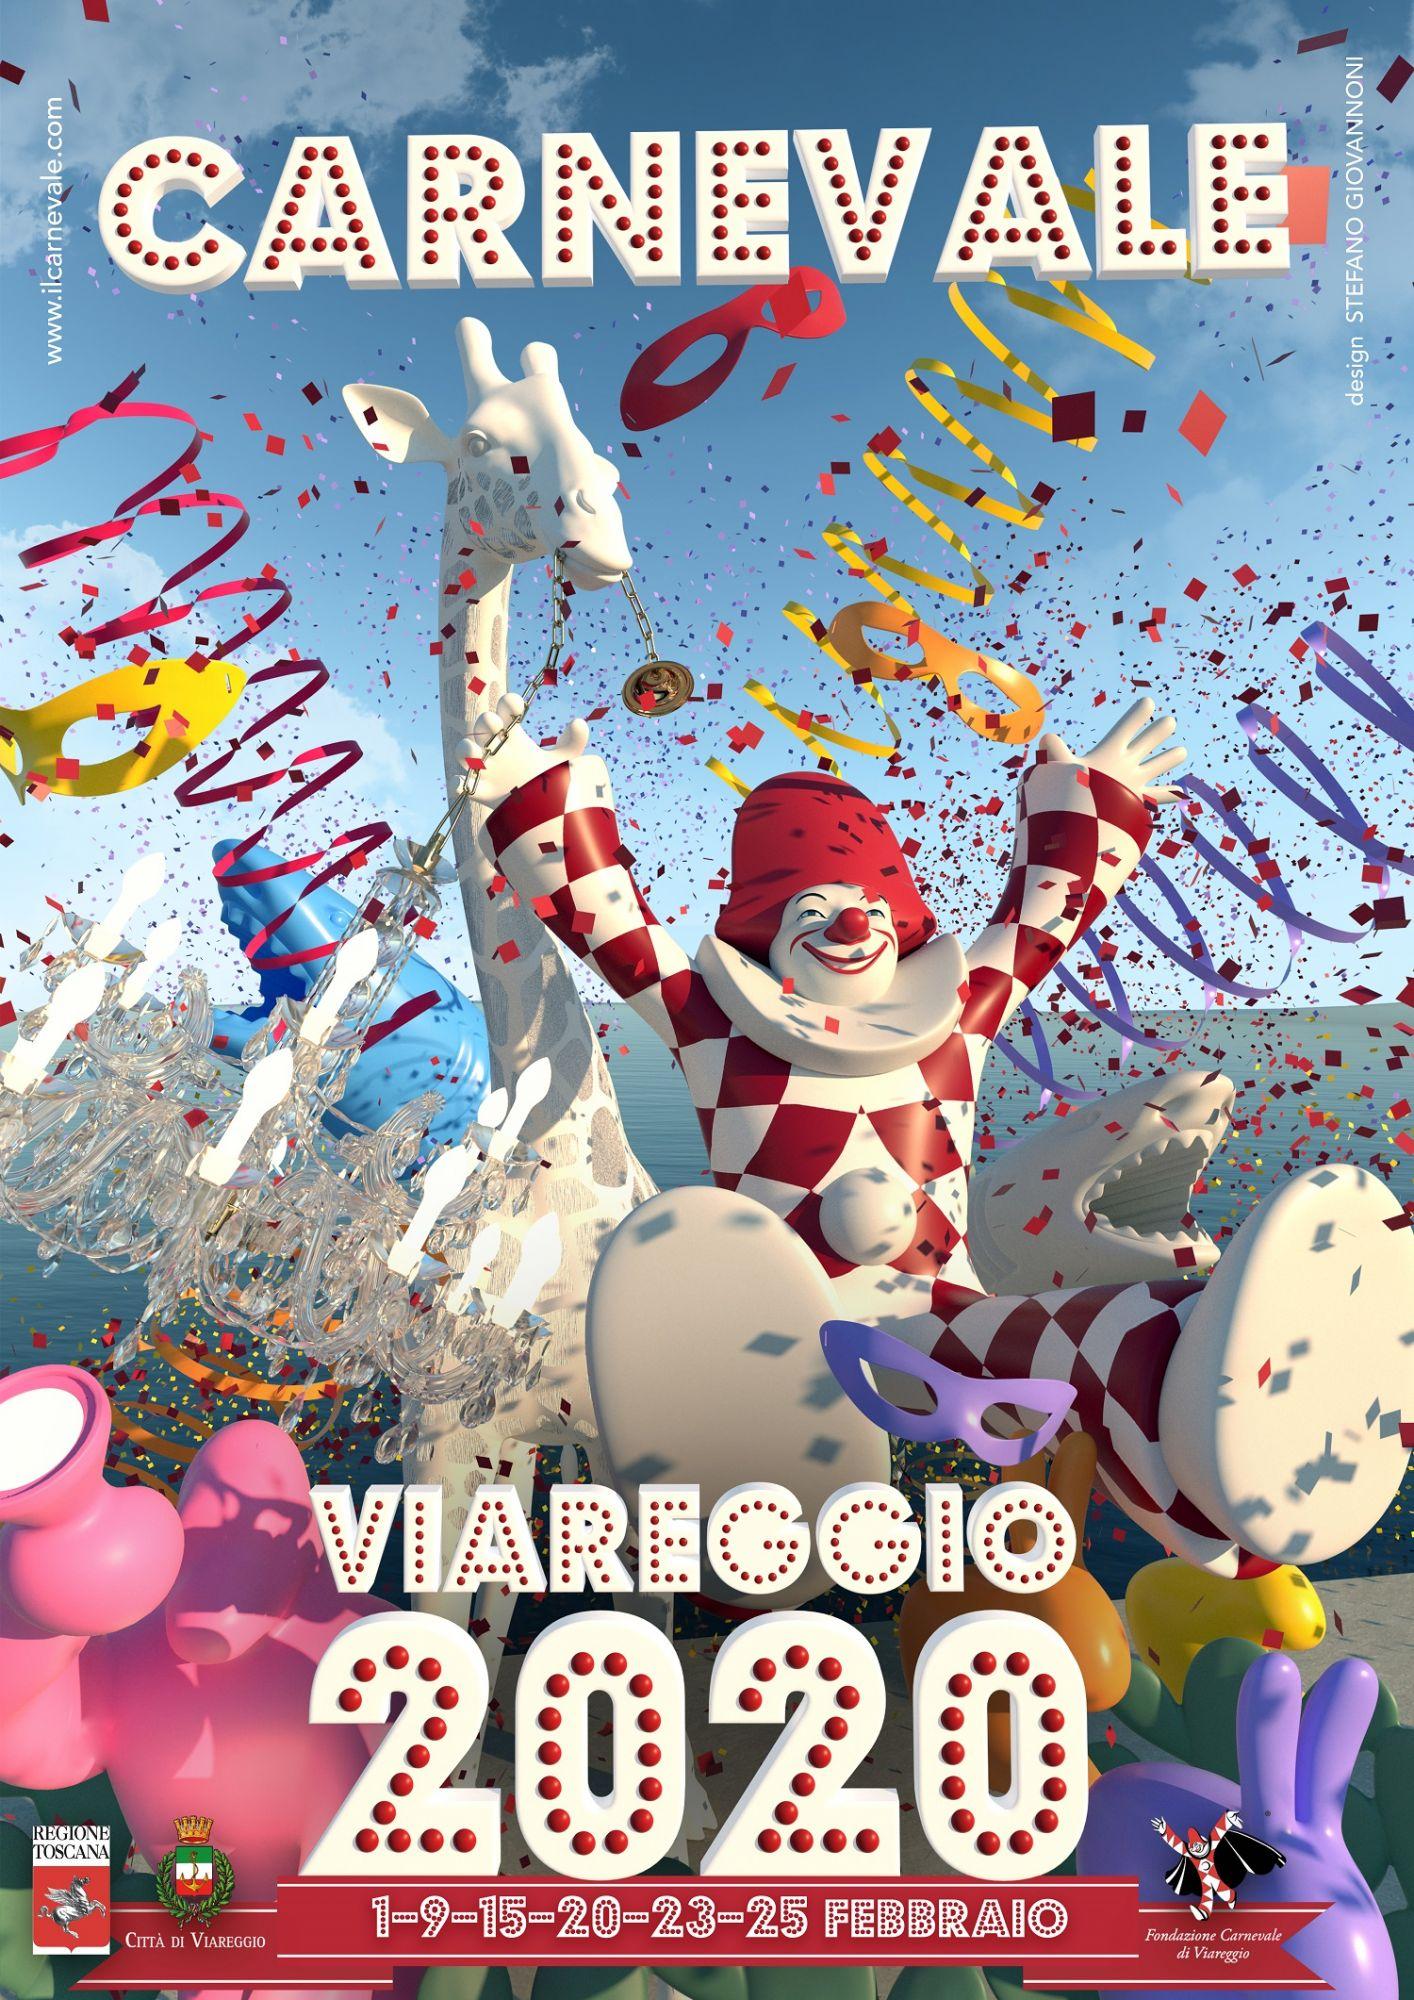 Piu' fondi al Carnevale di Viareggio nella legge di bilancio